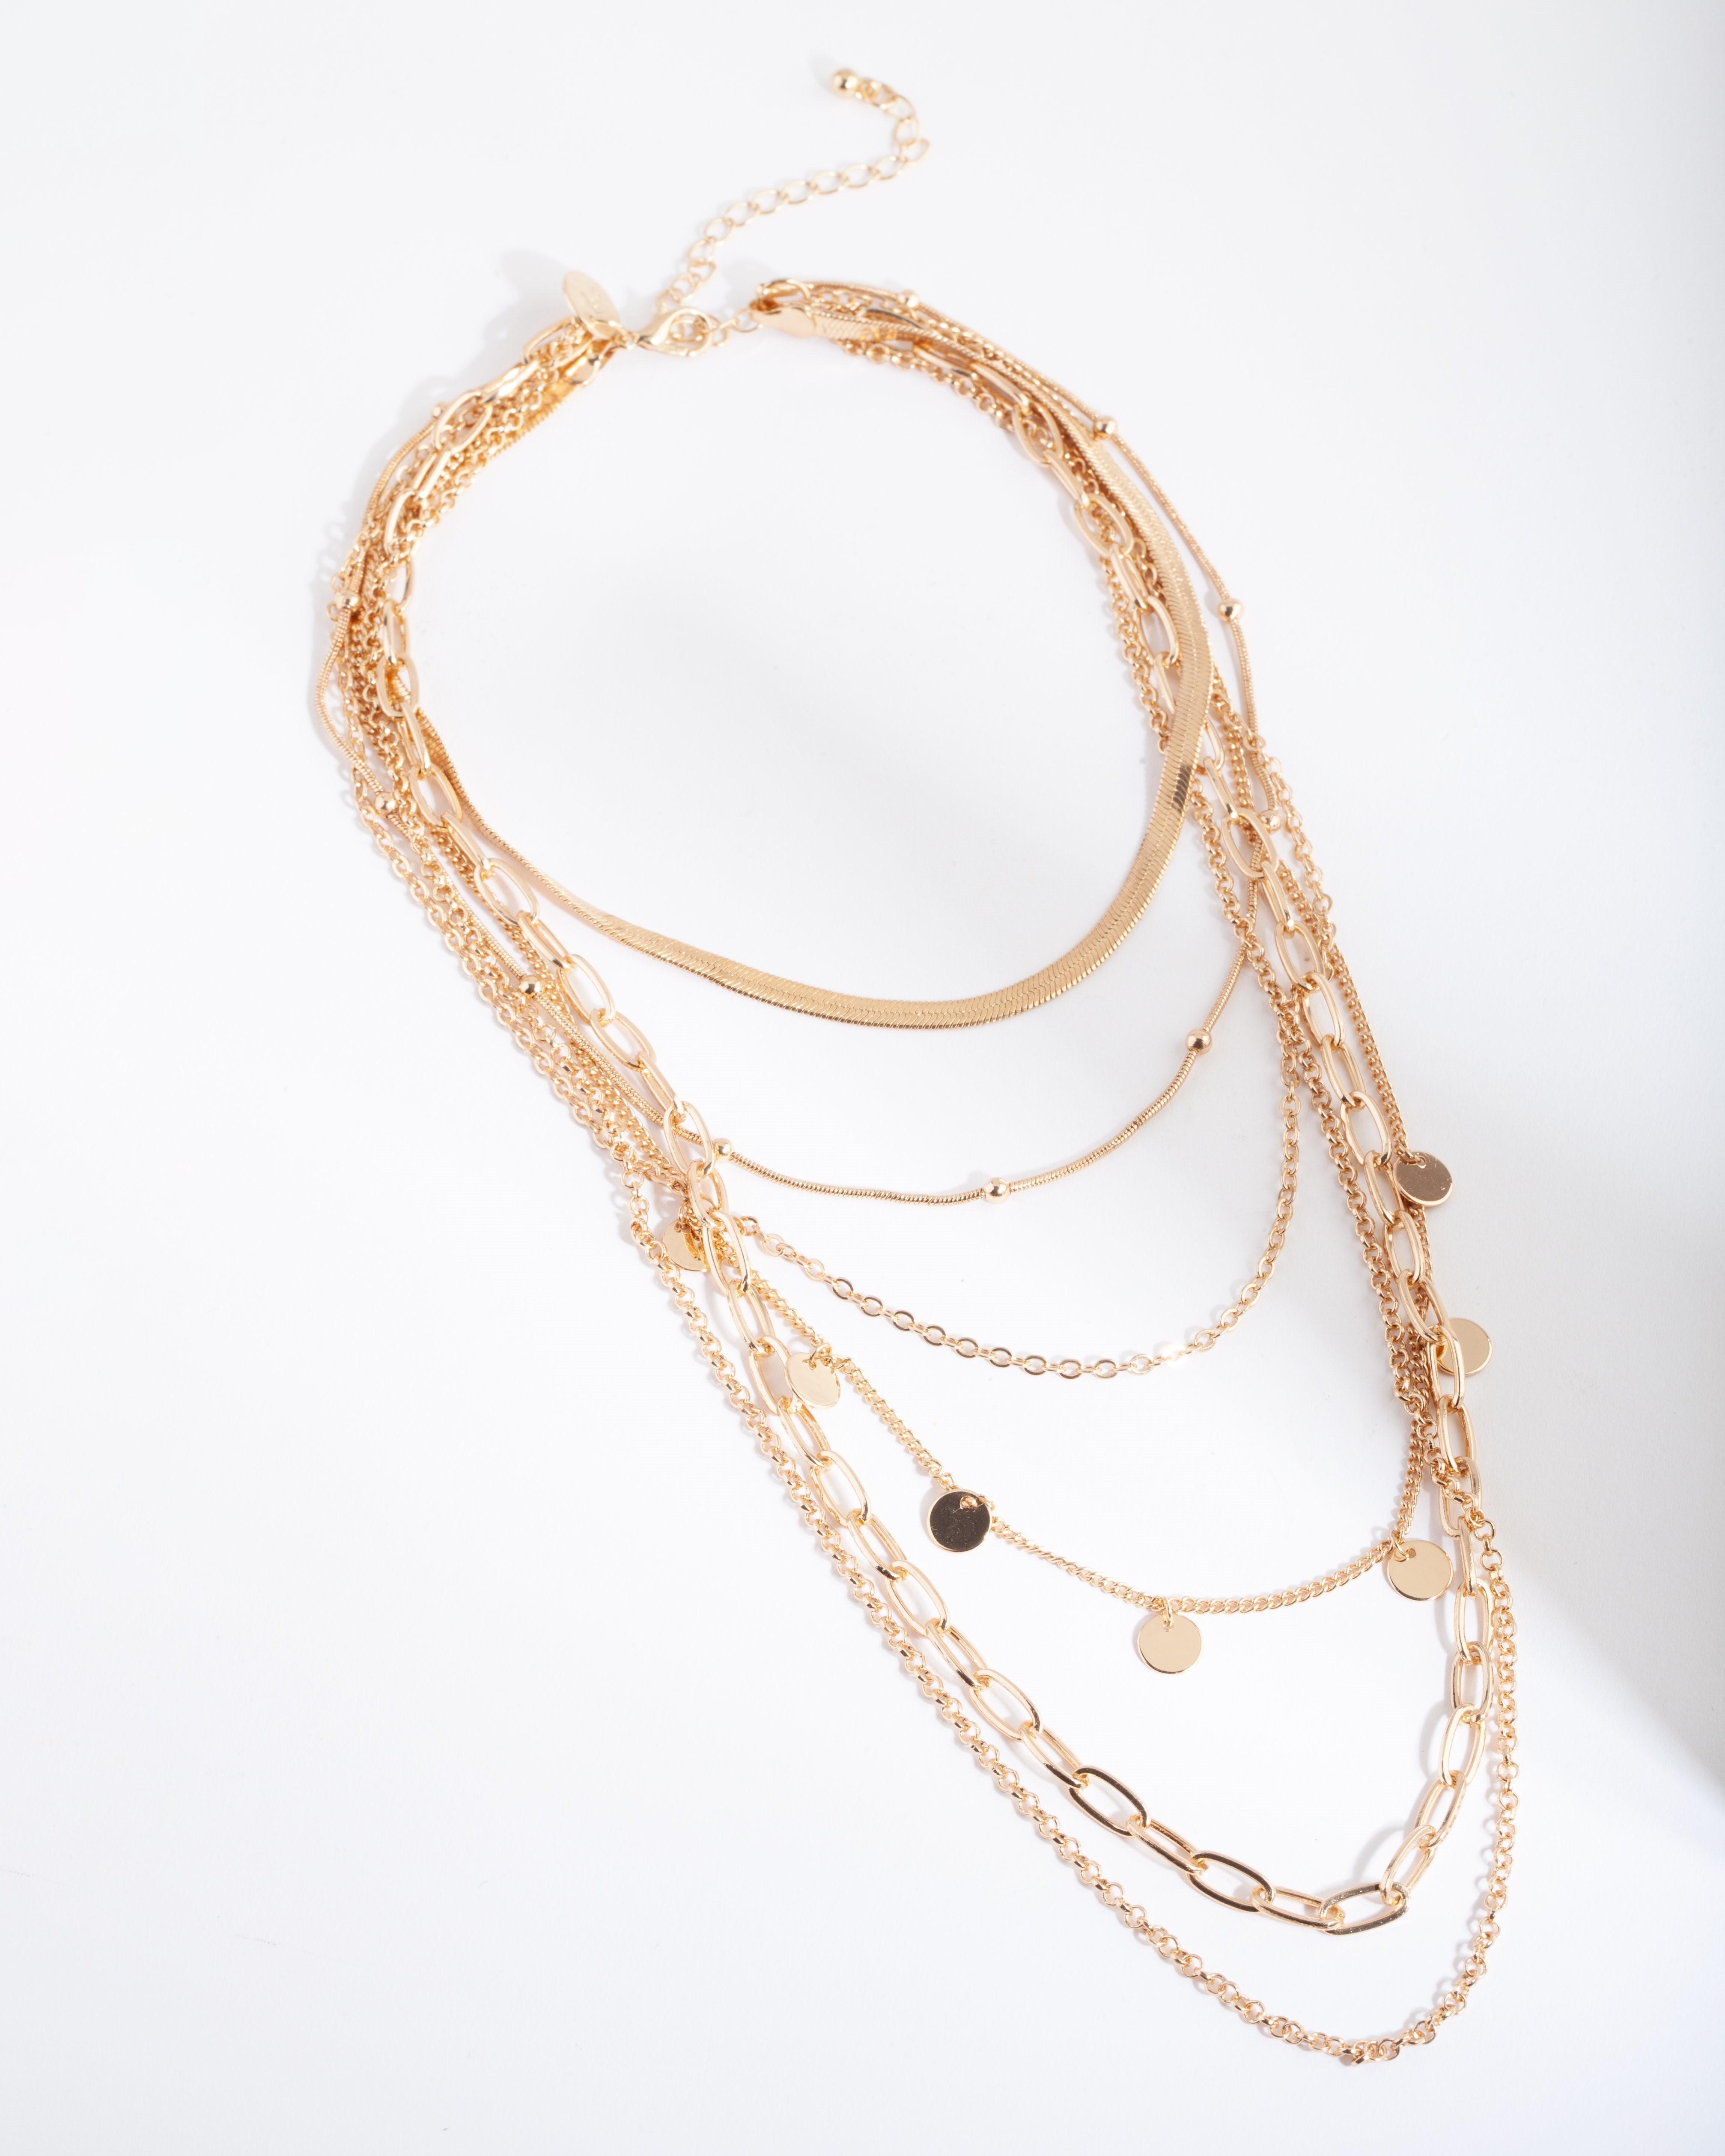 Phụ kiện thời trang dây chuyền nhiều sợi